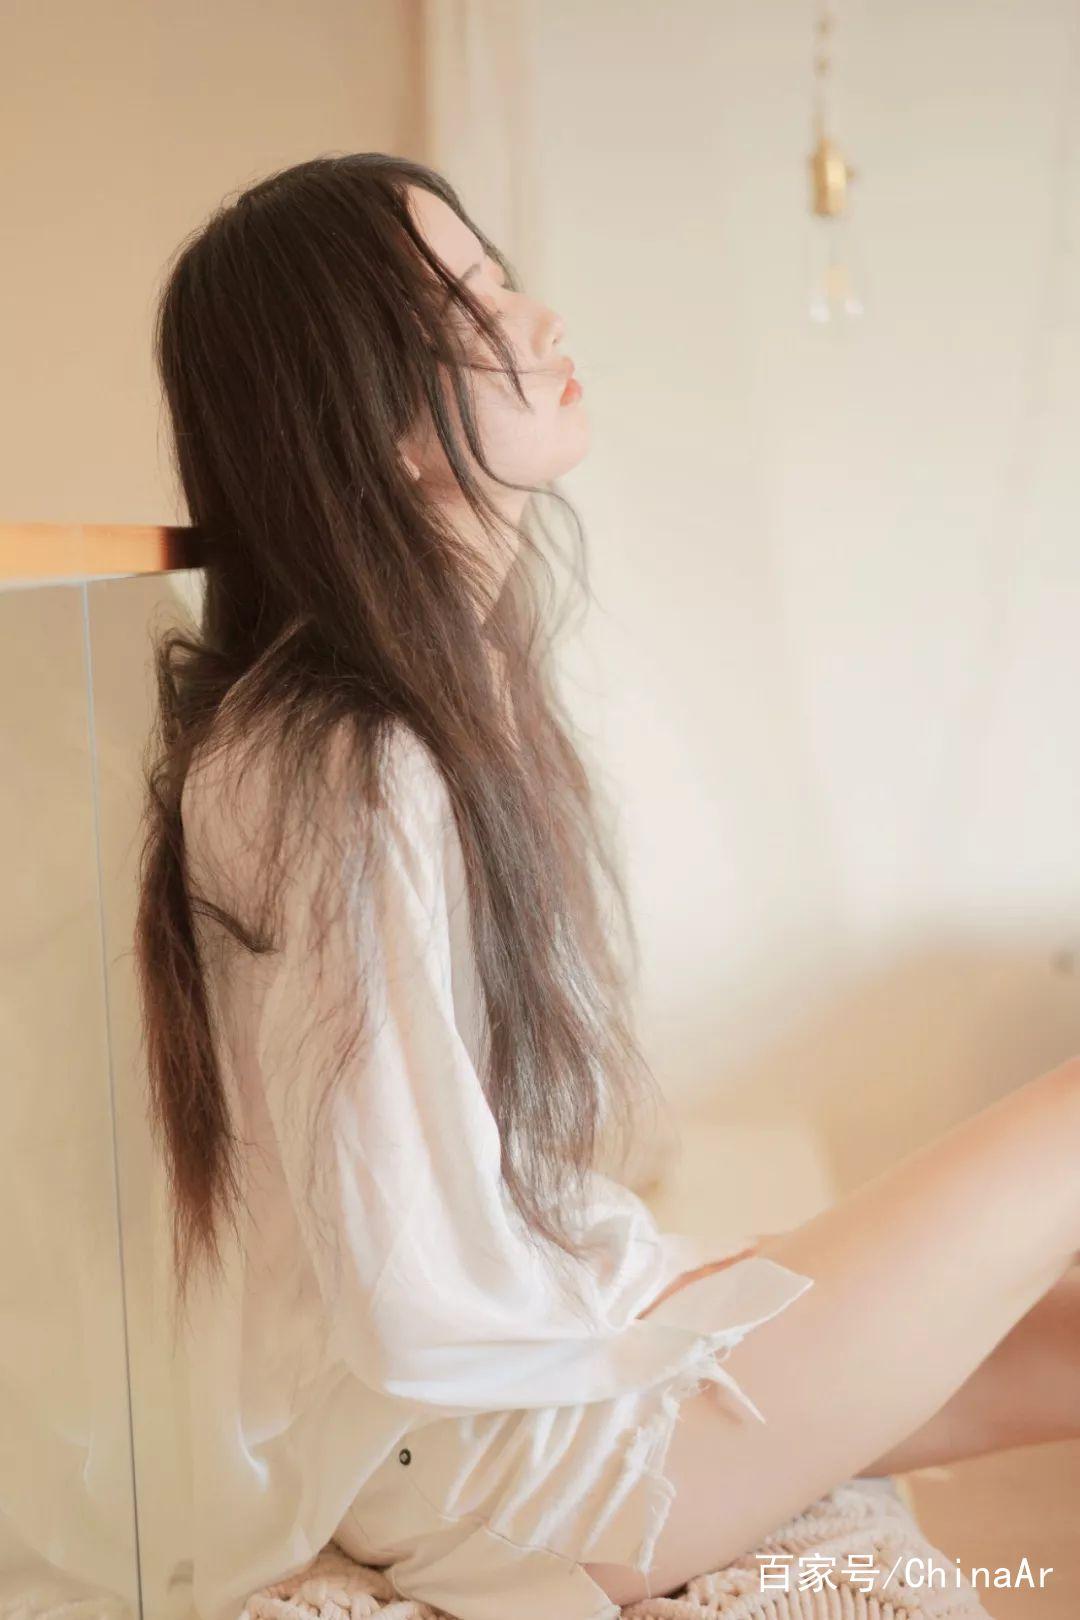 杭州网红民宿   90%年轻人不知道的摄影轰趴体验 推荐 第6张